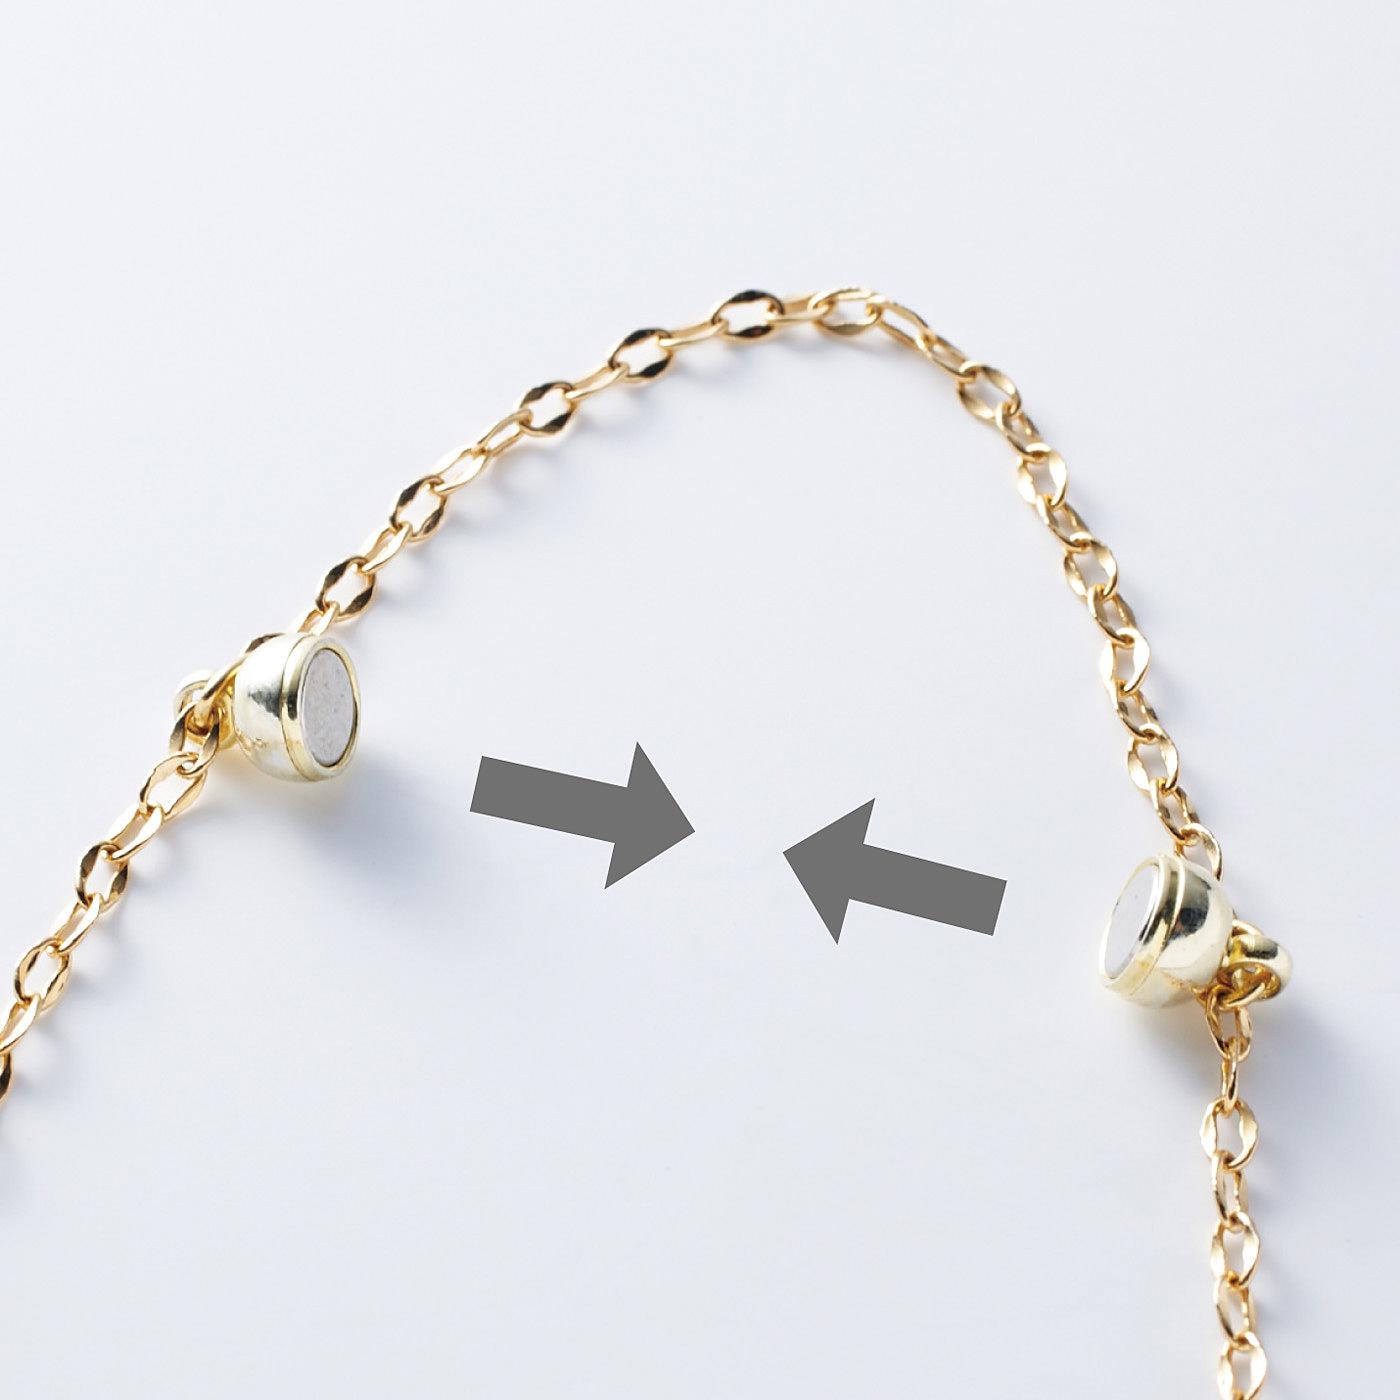 【マグネットで簡単着脱】マグネットの留め具で着脱時のプチストレスを解消。